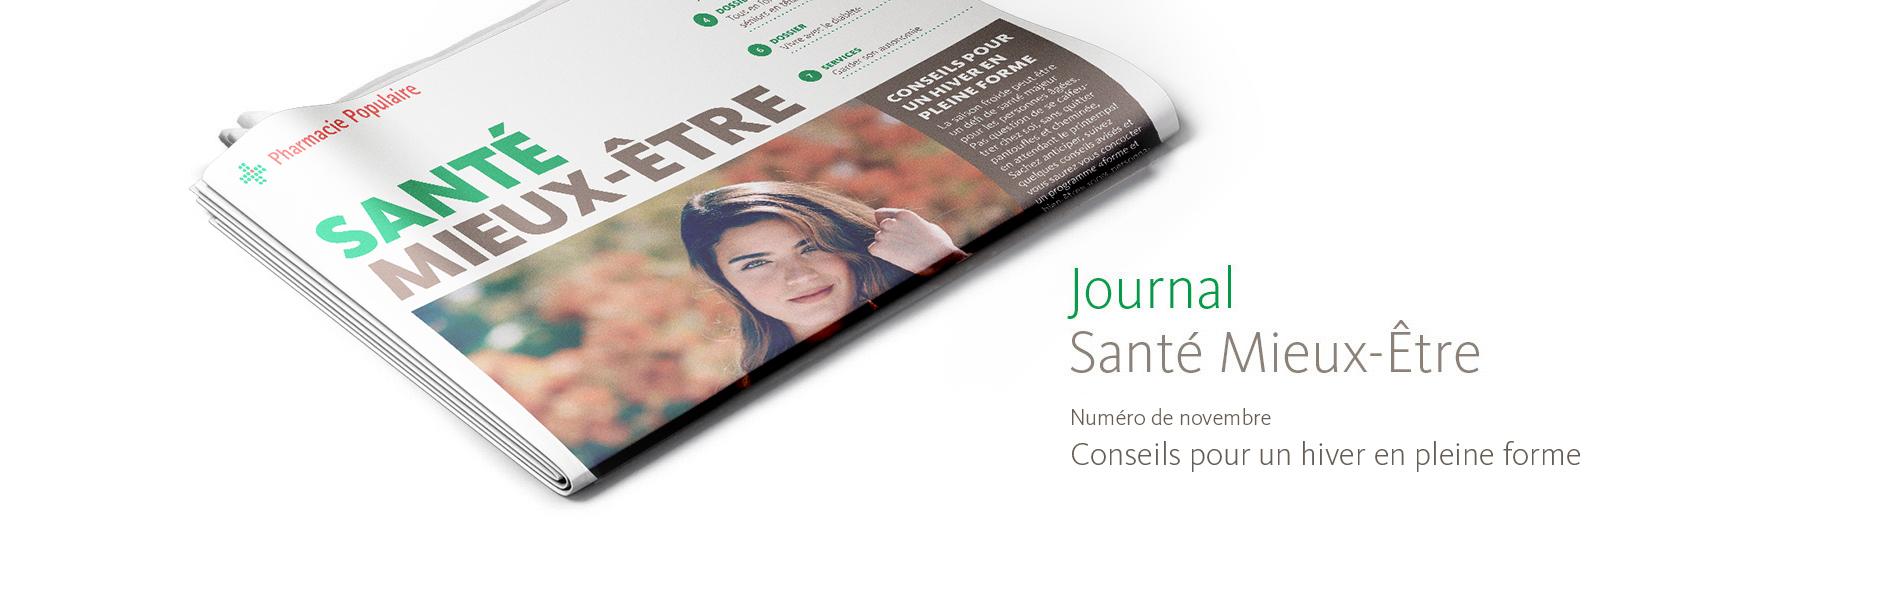 Accueil-SME51-1900